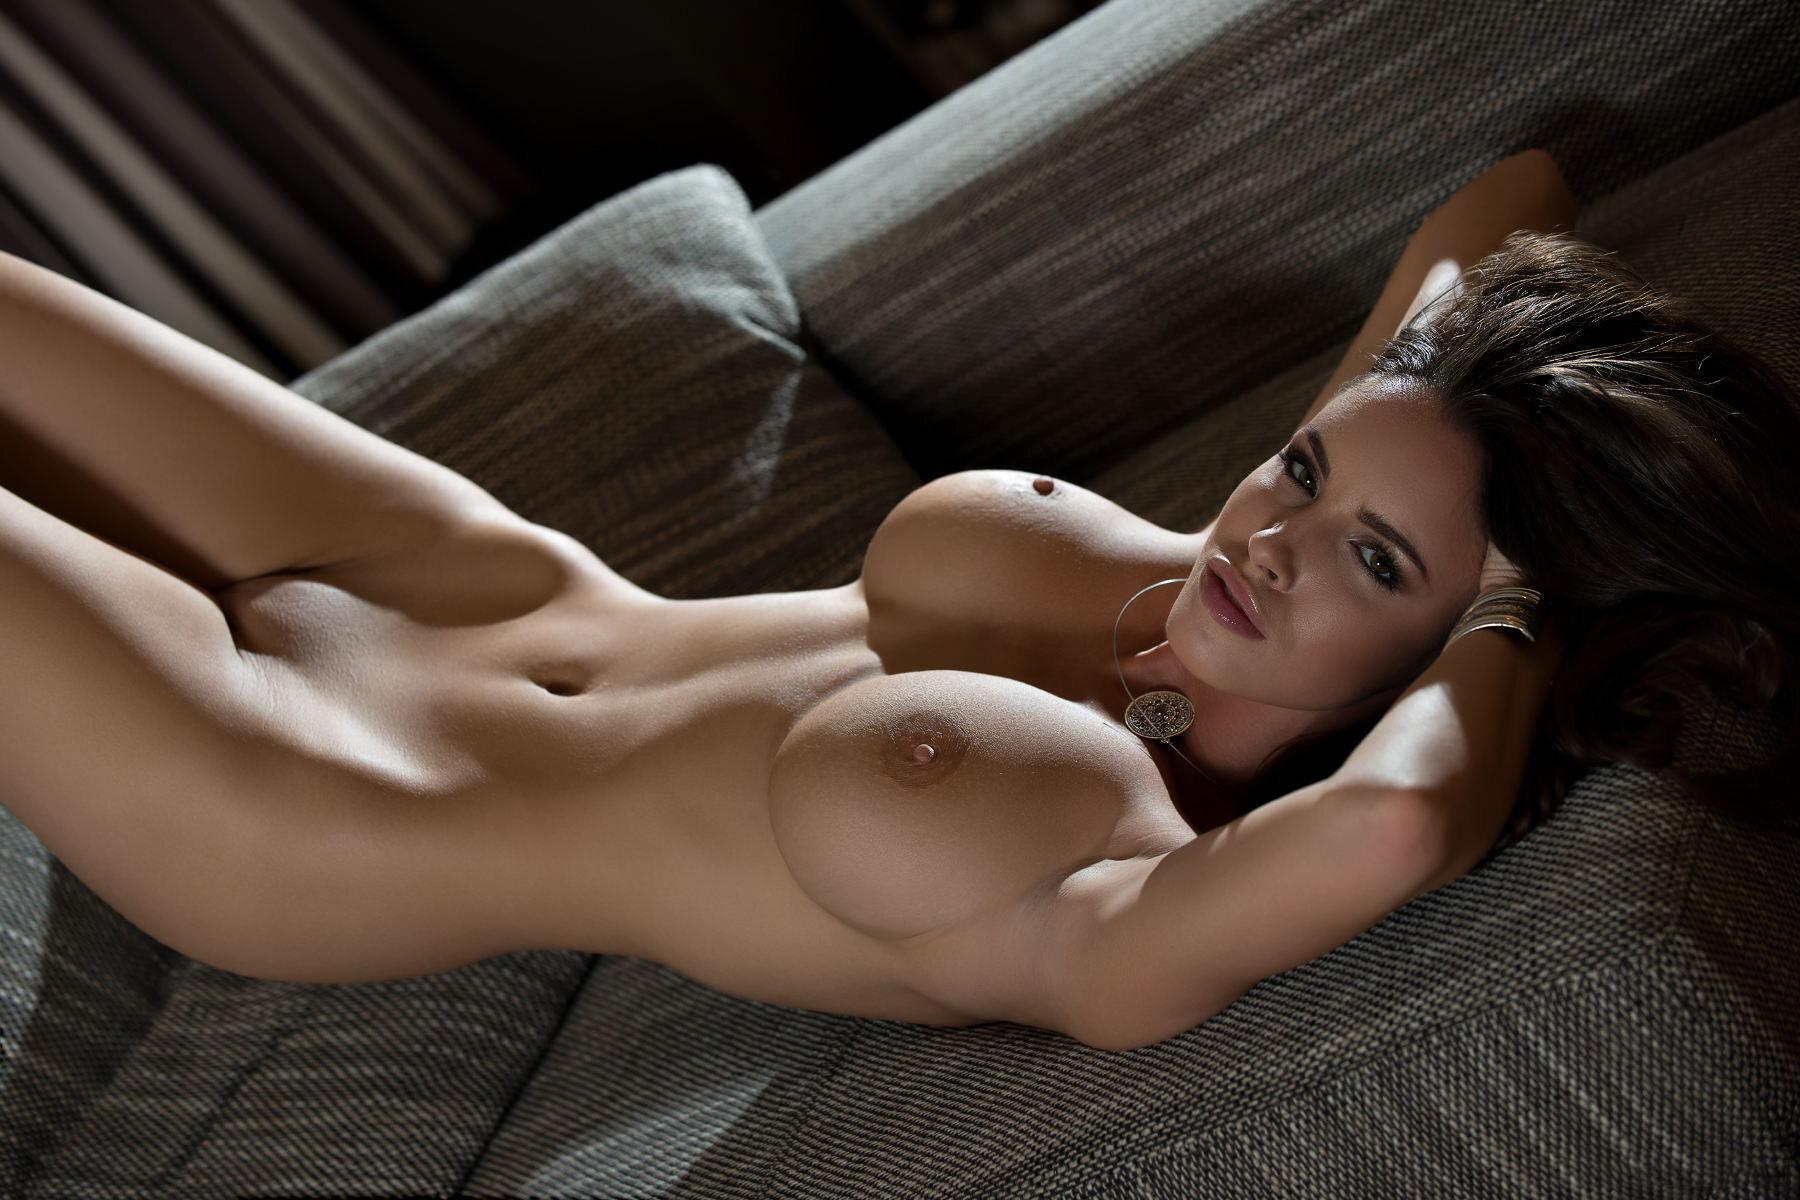 Hd красотки голые